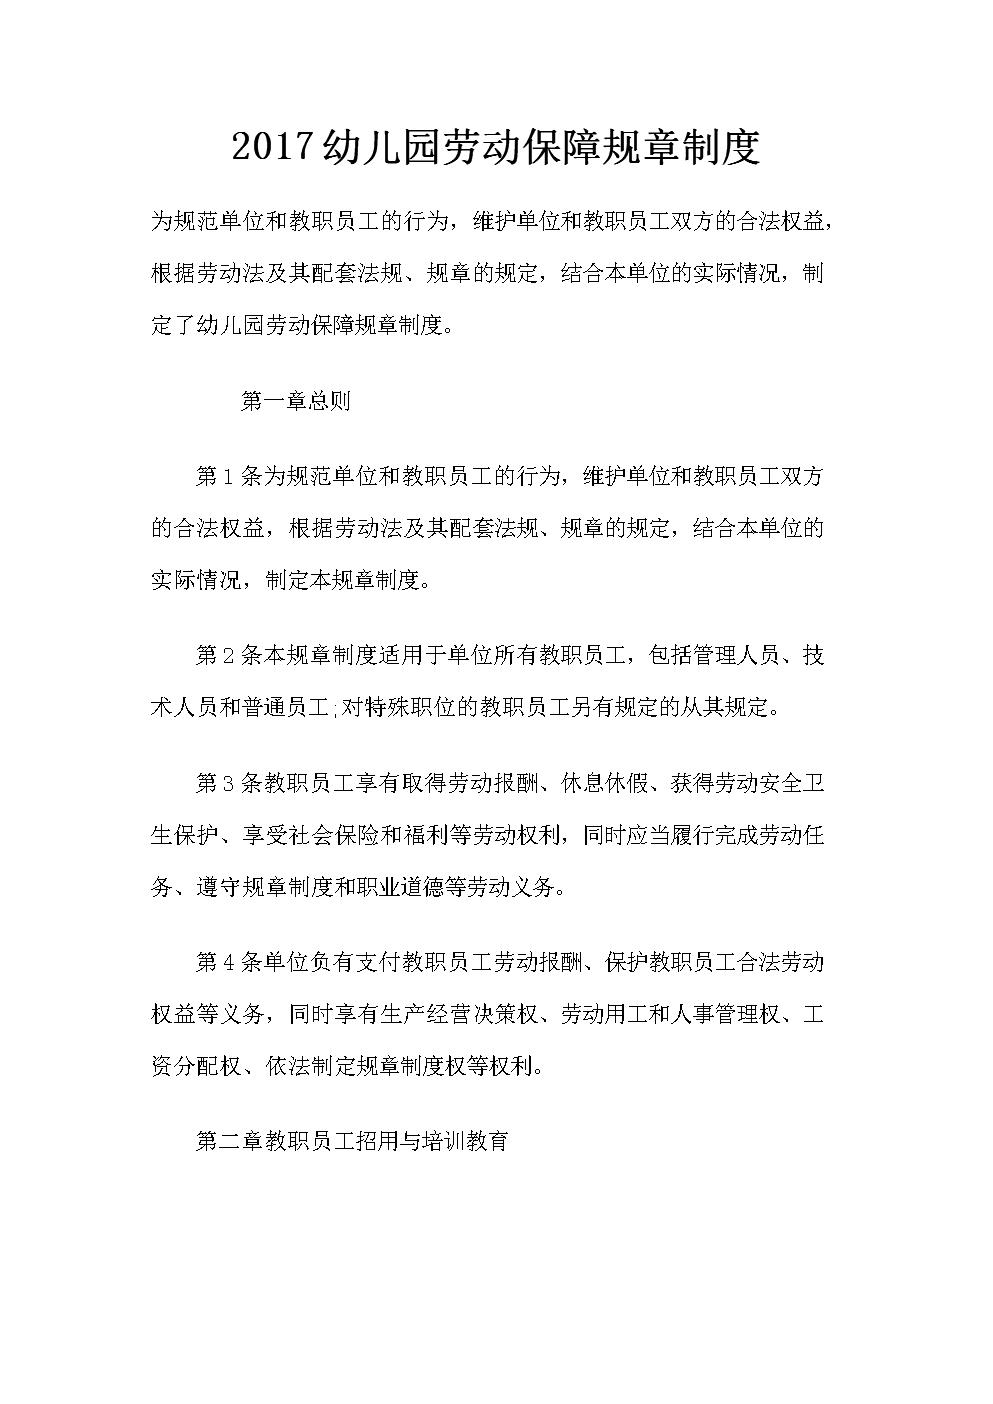 2017幼儿园劳动保障规章制度.doc